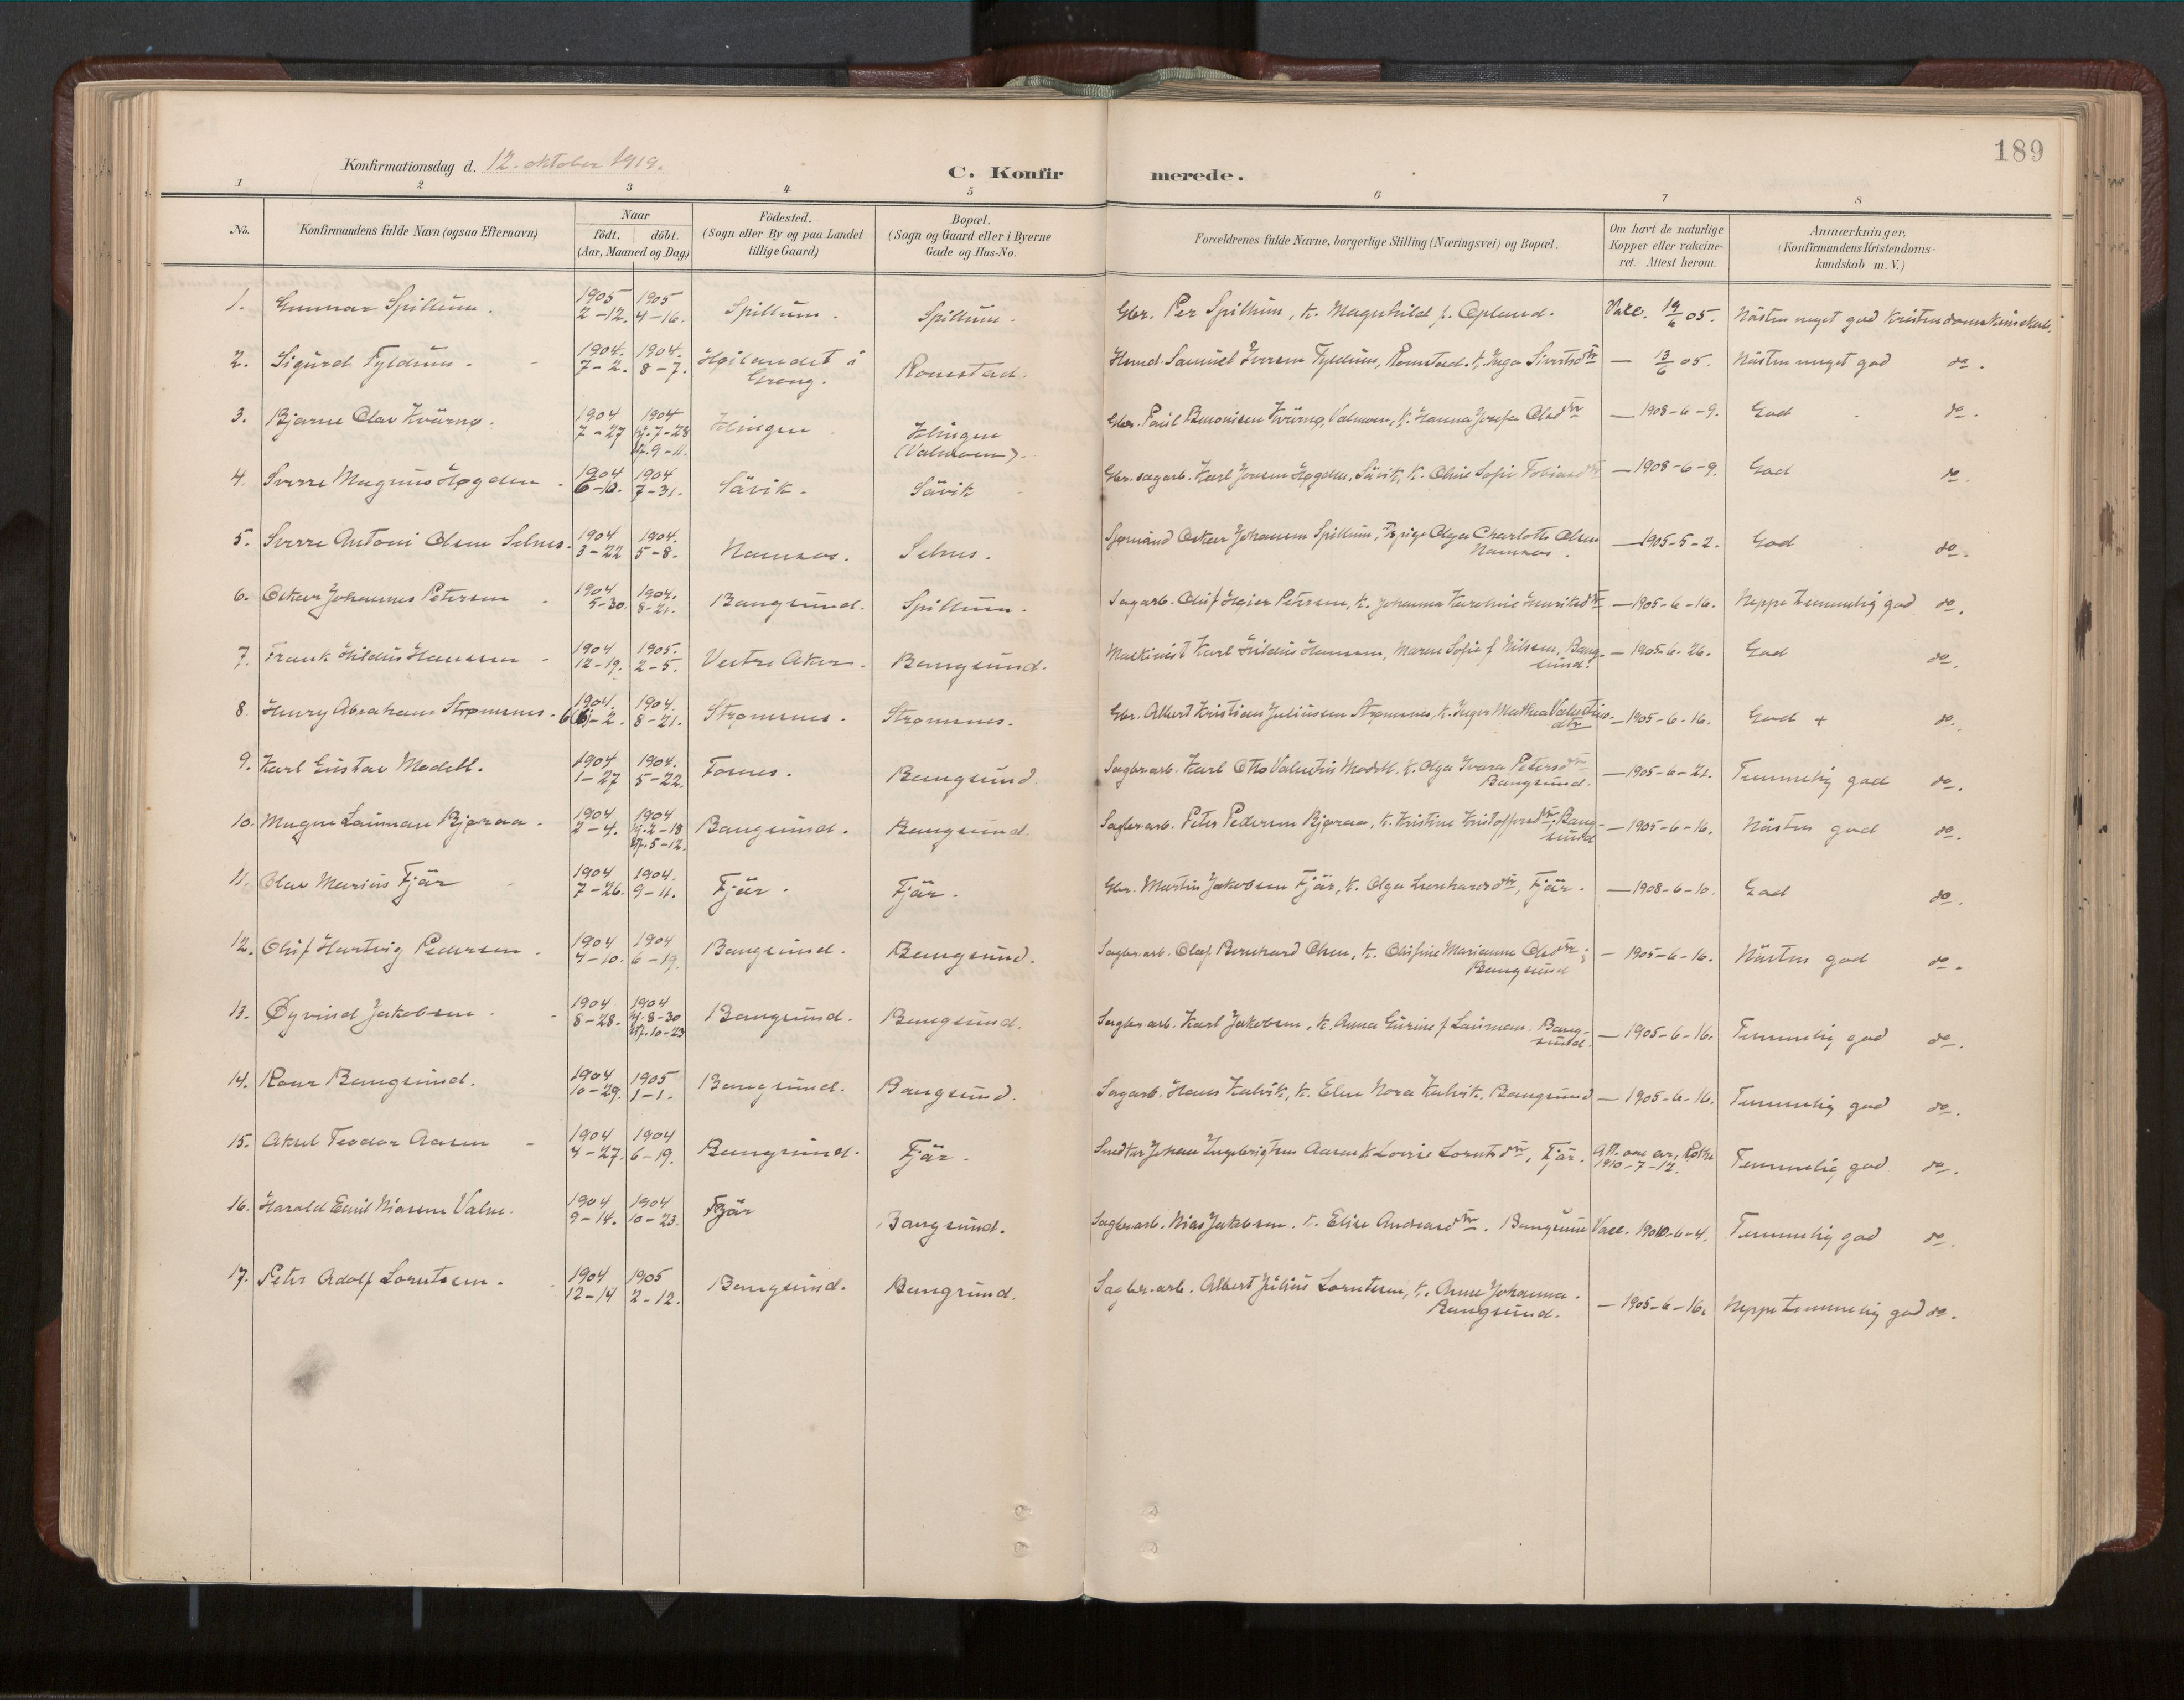 SAT, Ministerialprotokoller, klokkerbøker og fødselsregistre - Nord-Trøndelag, 770/L0589: Ministerialbok nr. 770A03, 1887-1929, s. 189